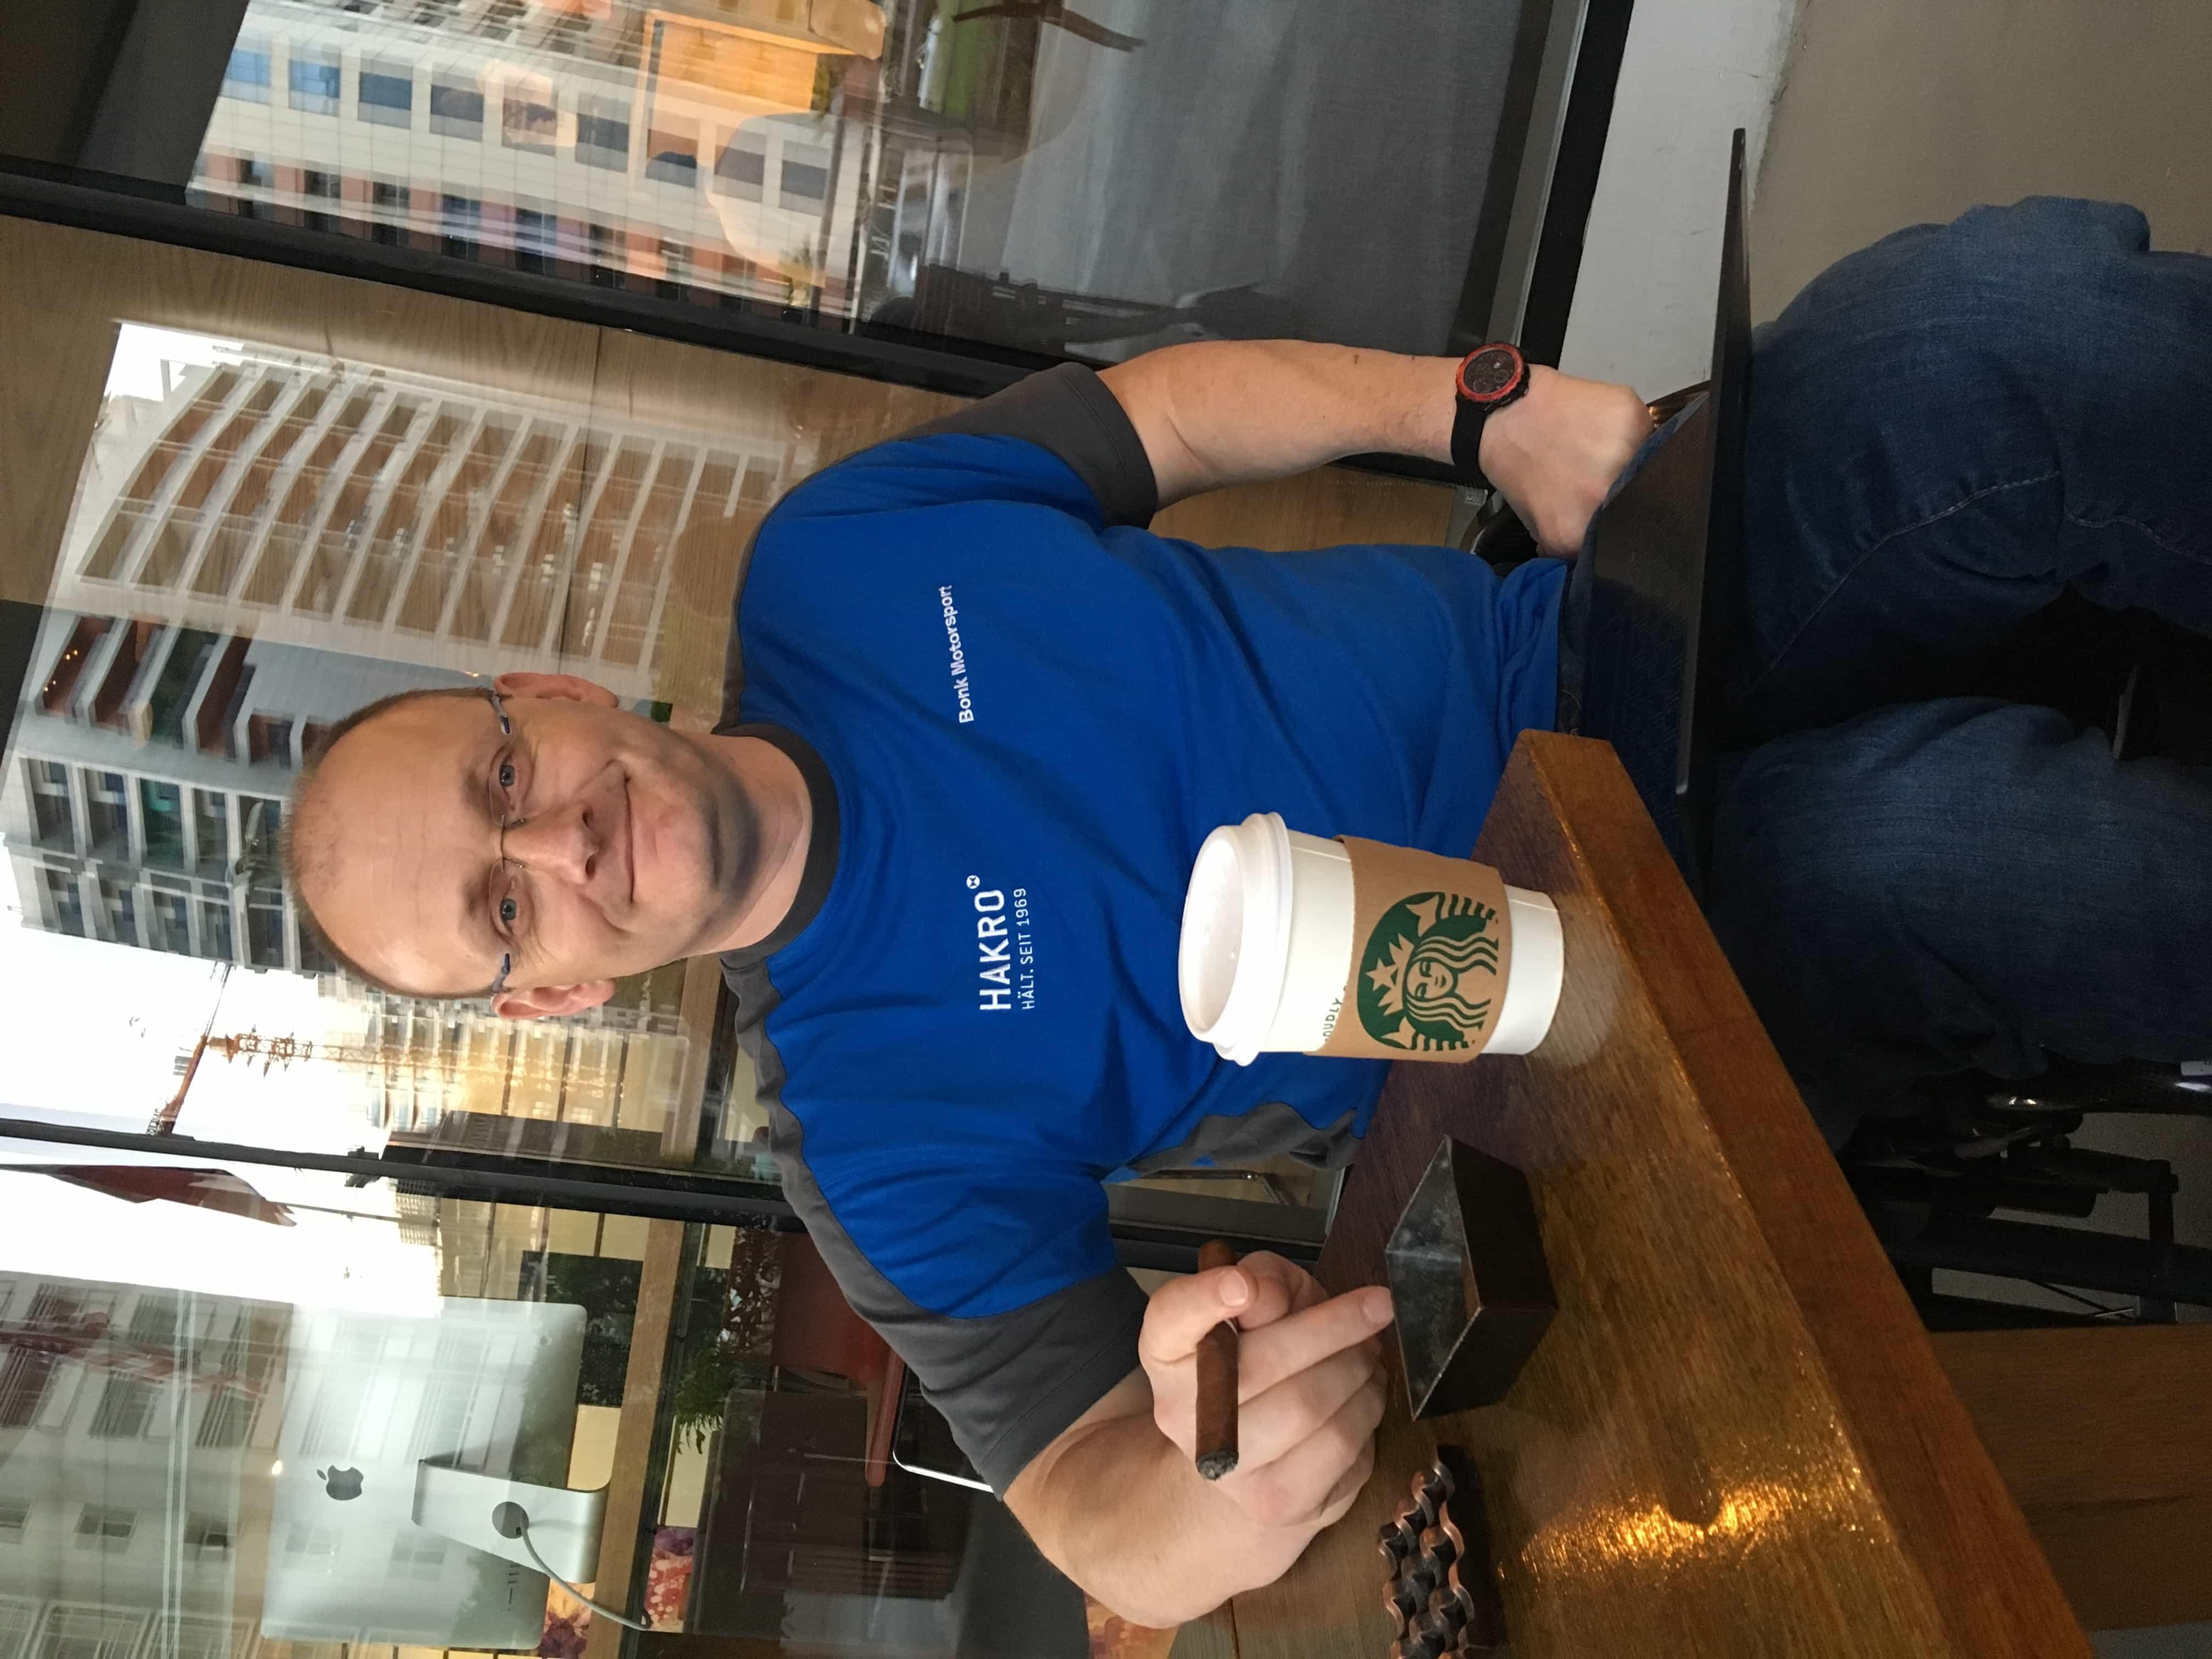 IMG 0564 - 10.-12. Januar 2019 - 24hseries.com - 24h Dubai / VAE